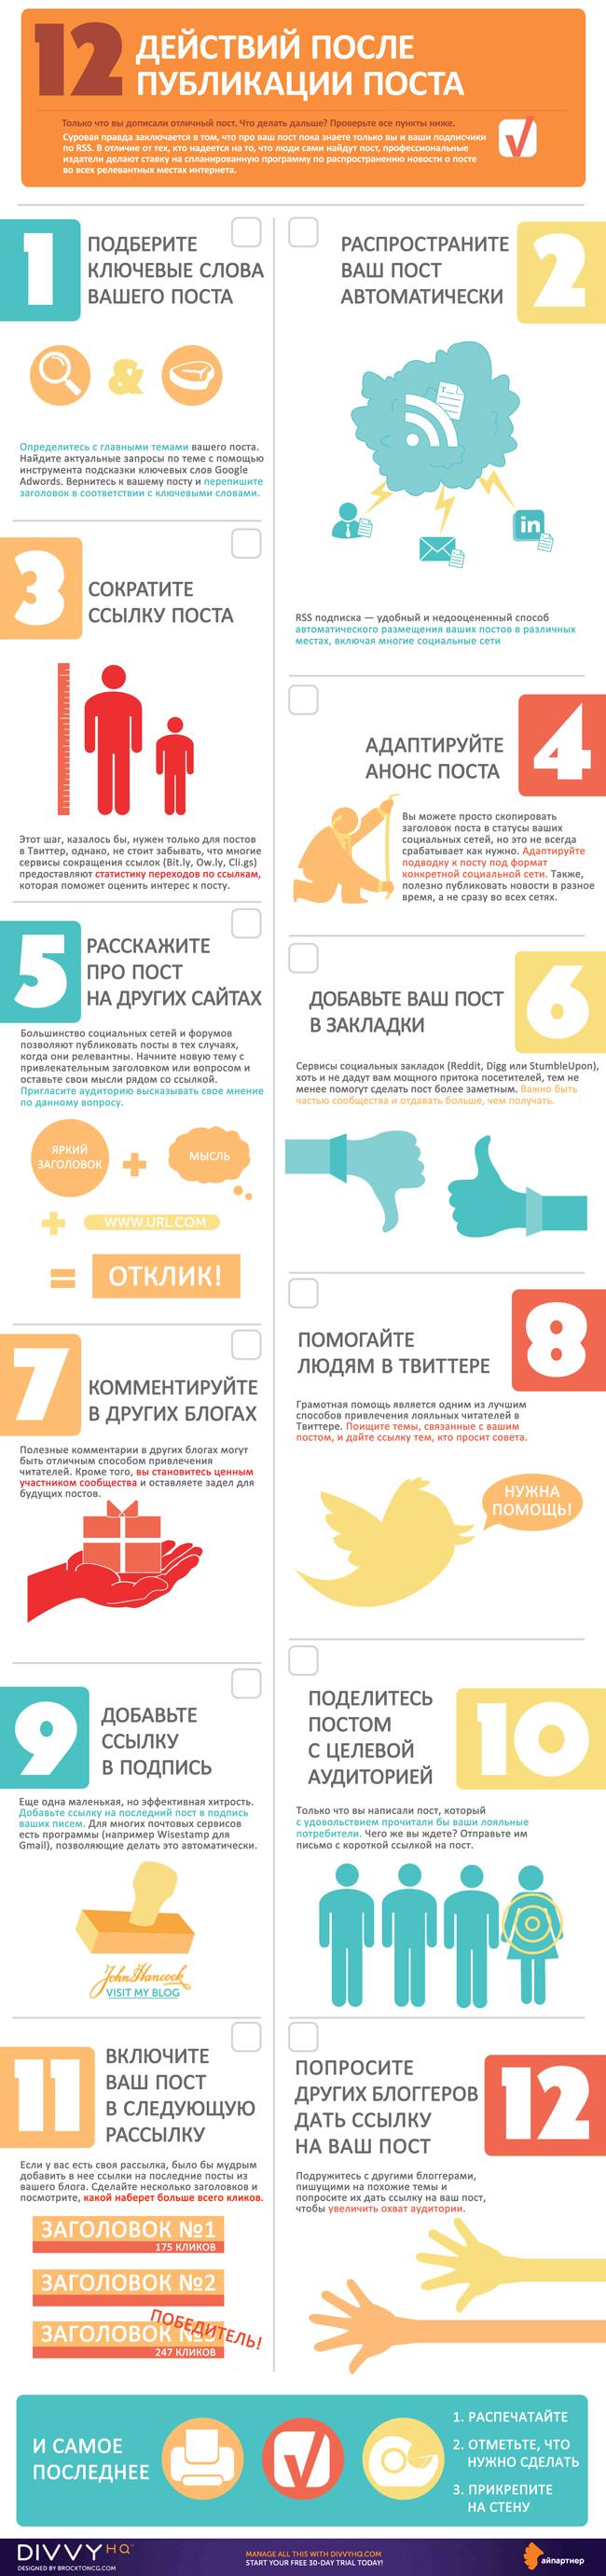 Чеклист-инфографика: 12 рекомендуемых действий после публикации поста